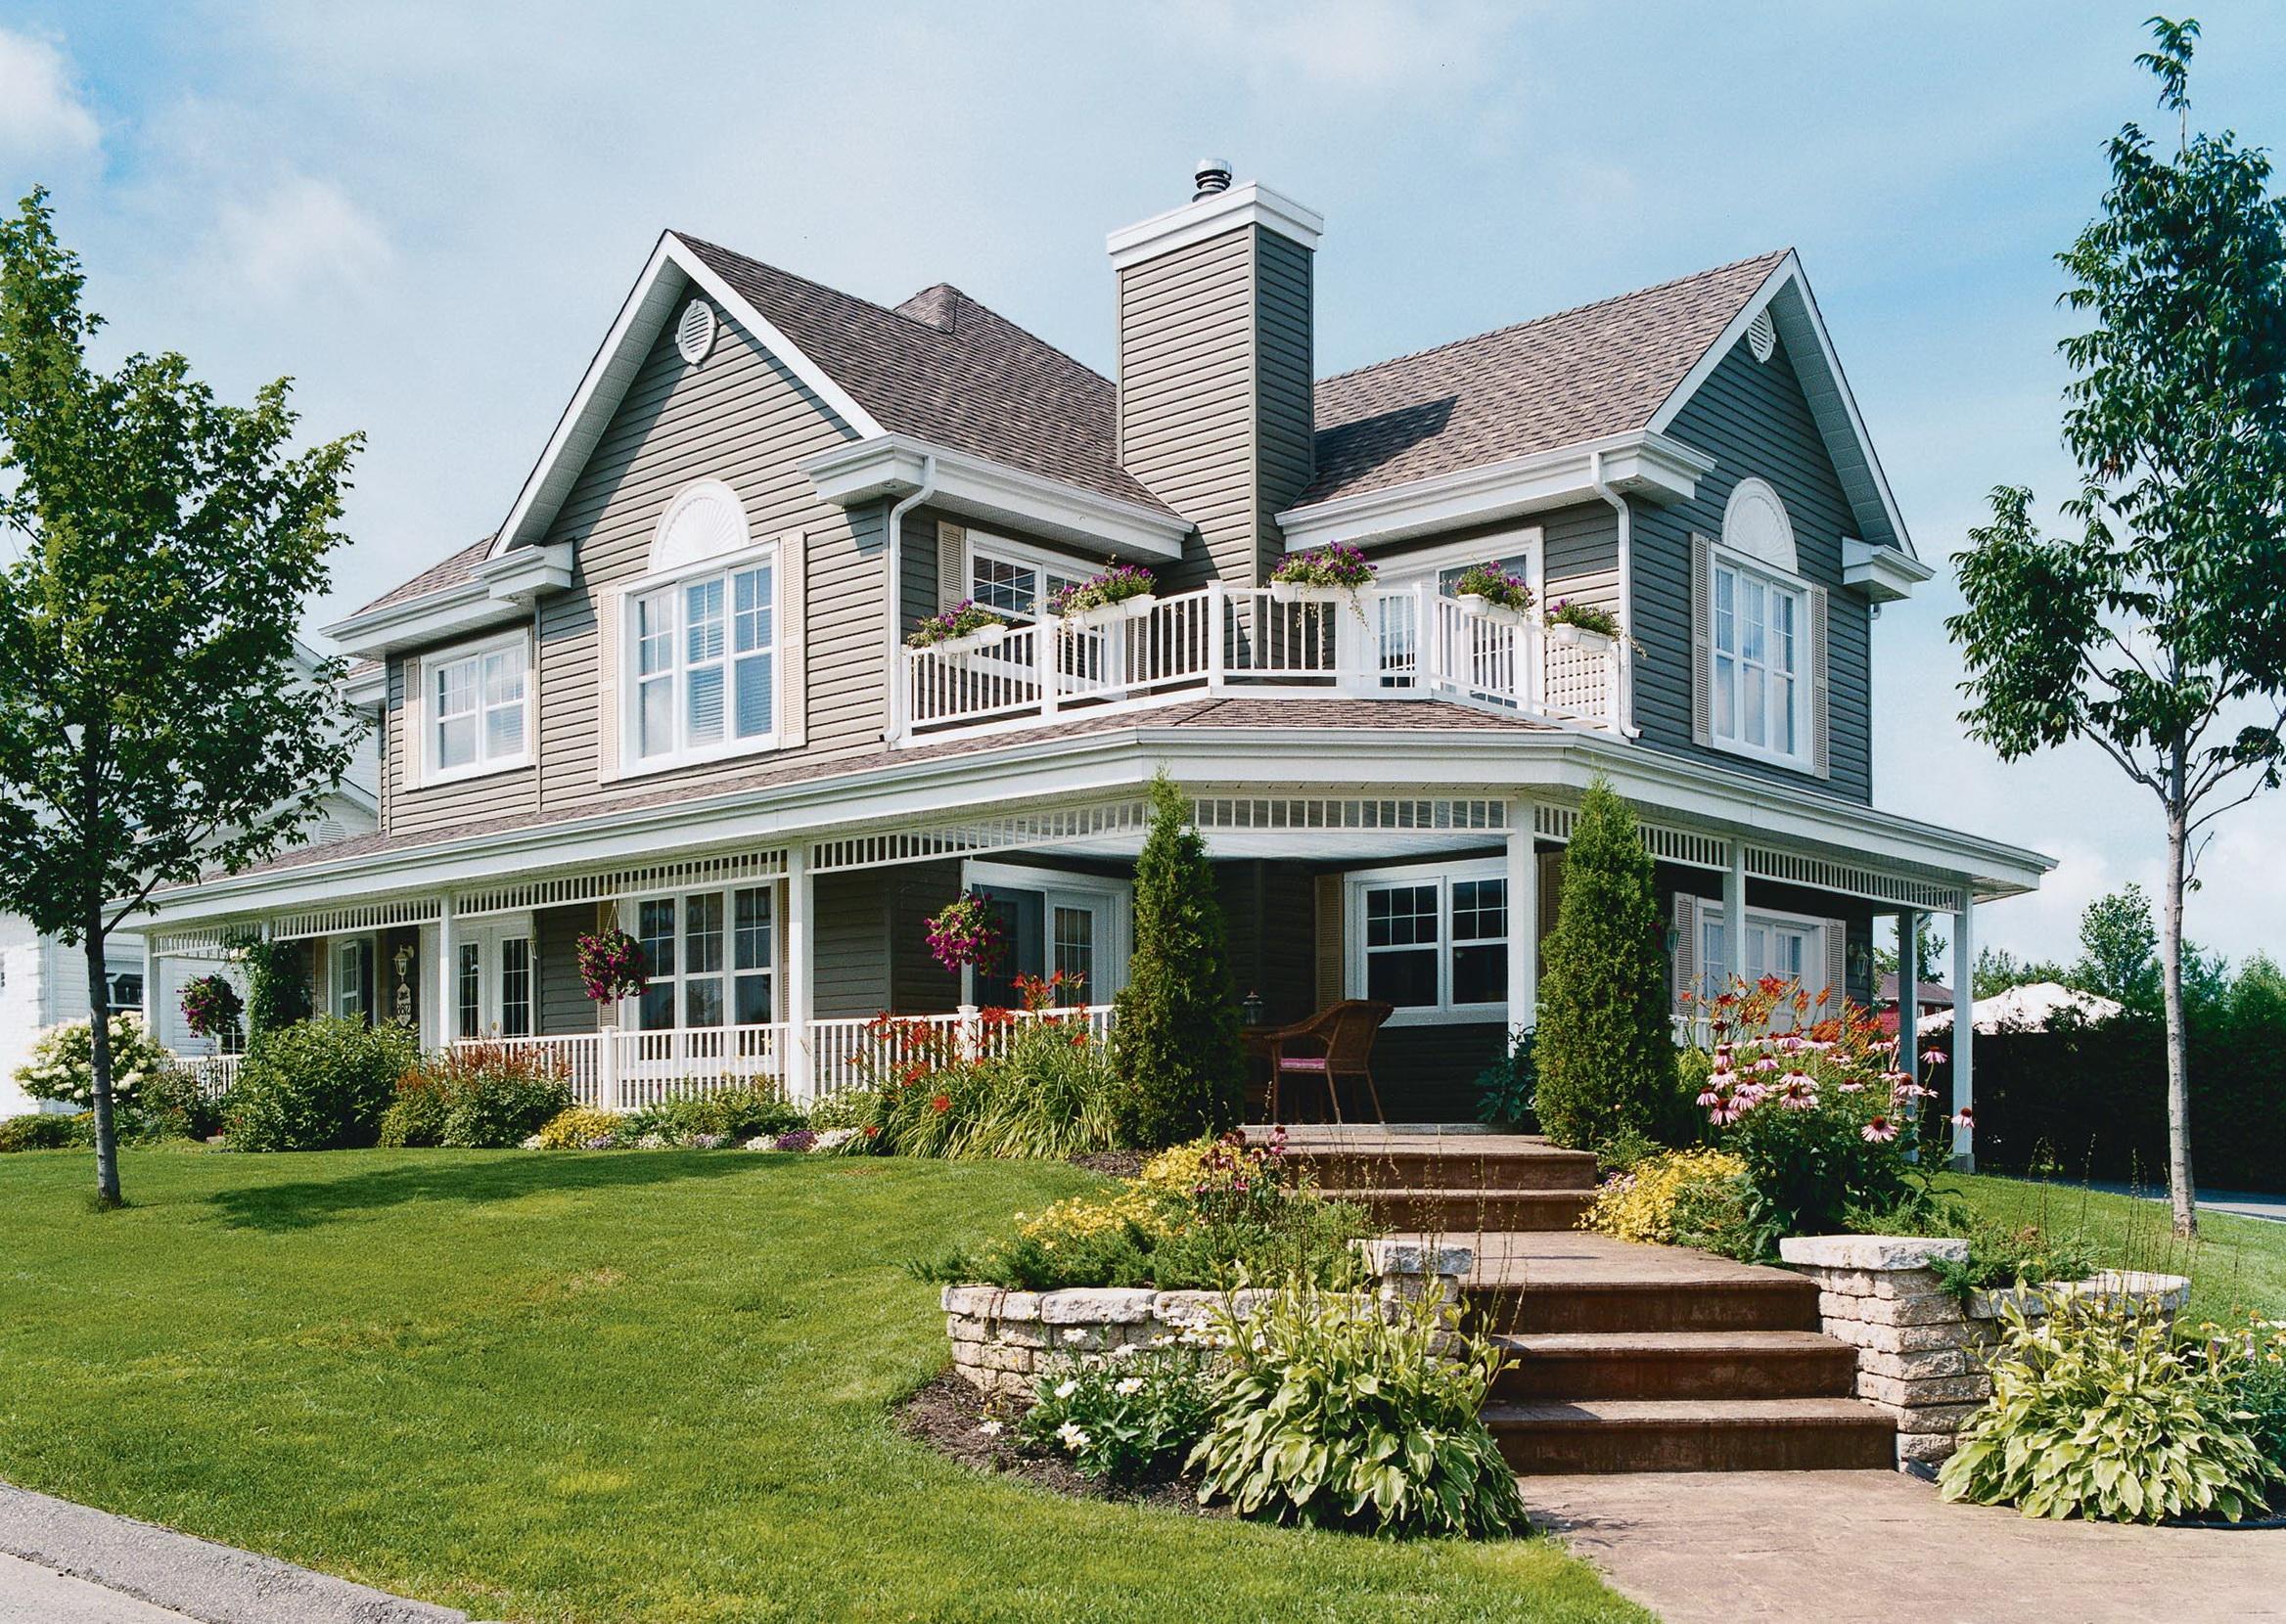 Double porch house plans home design ideas for Double front porch house plans